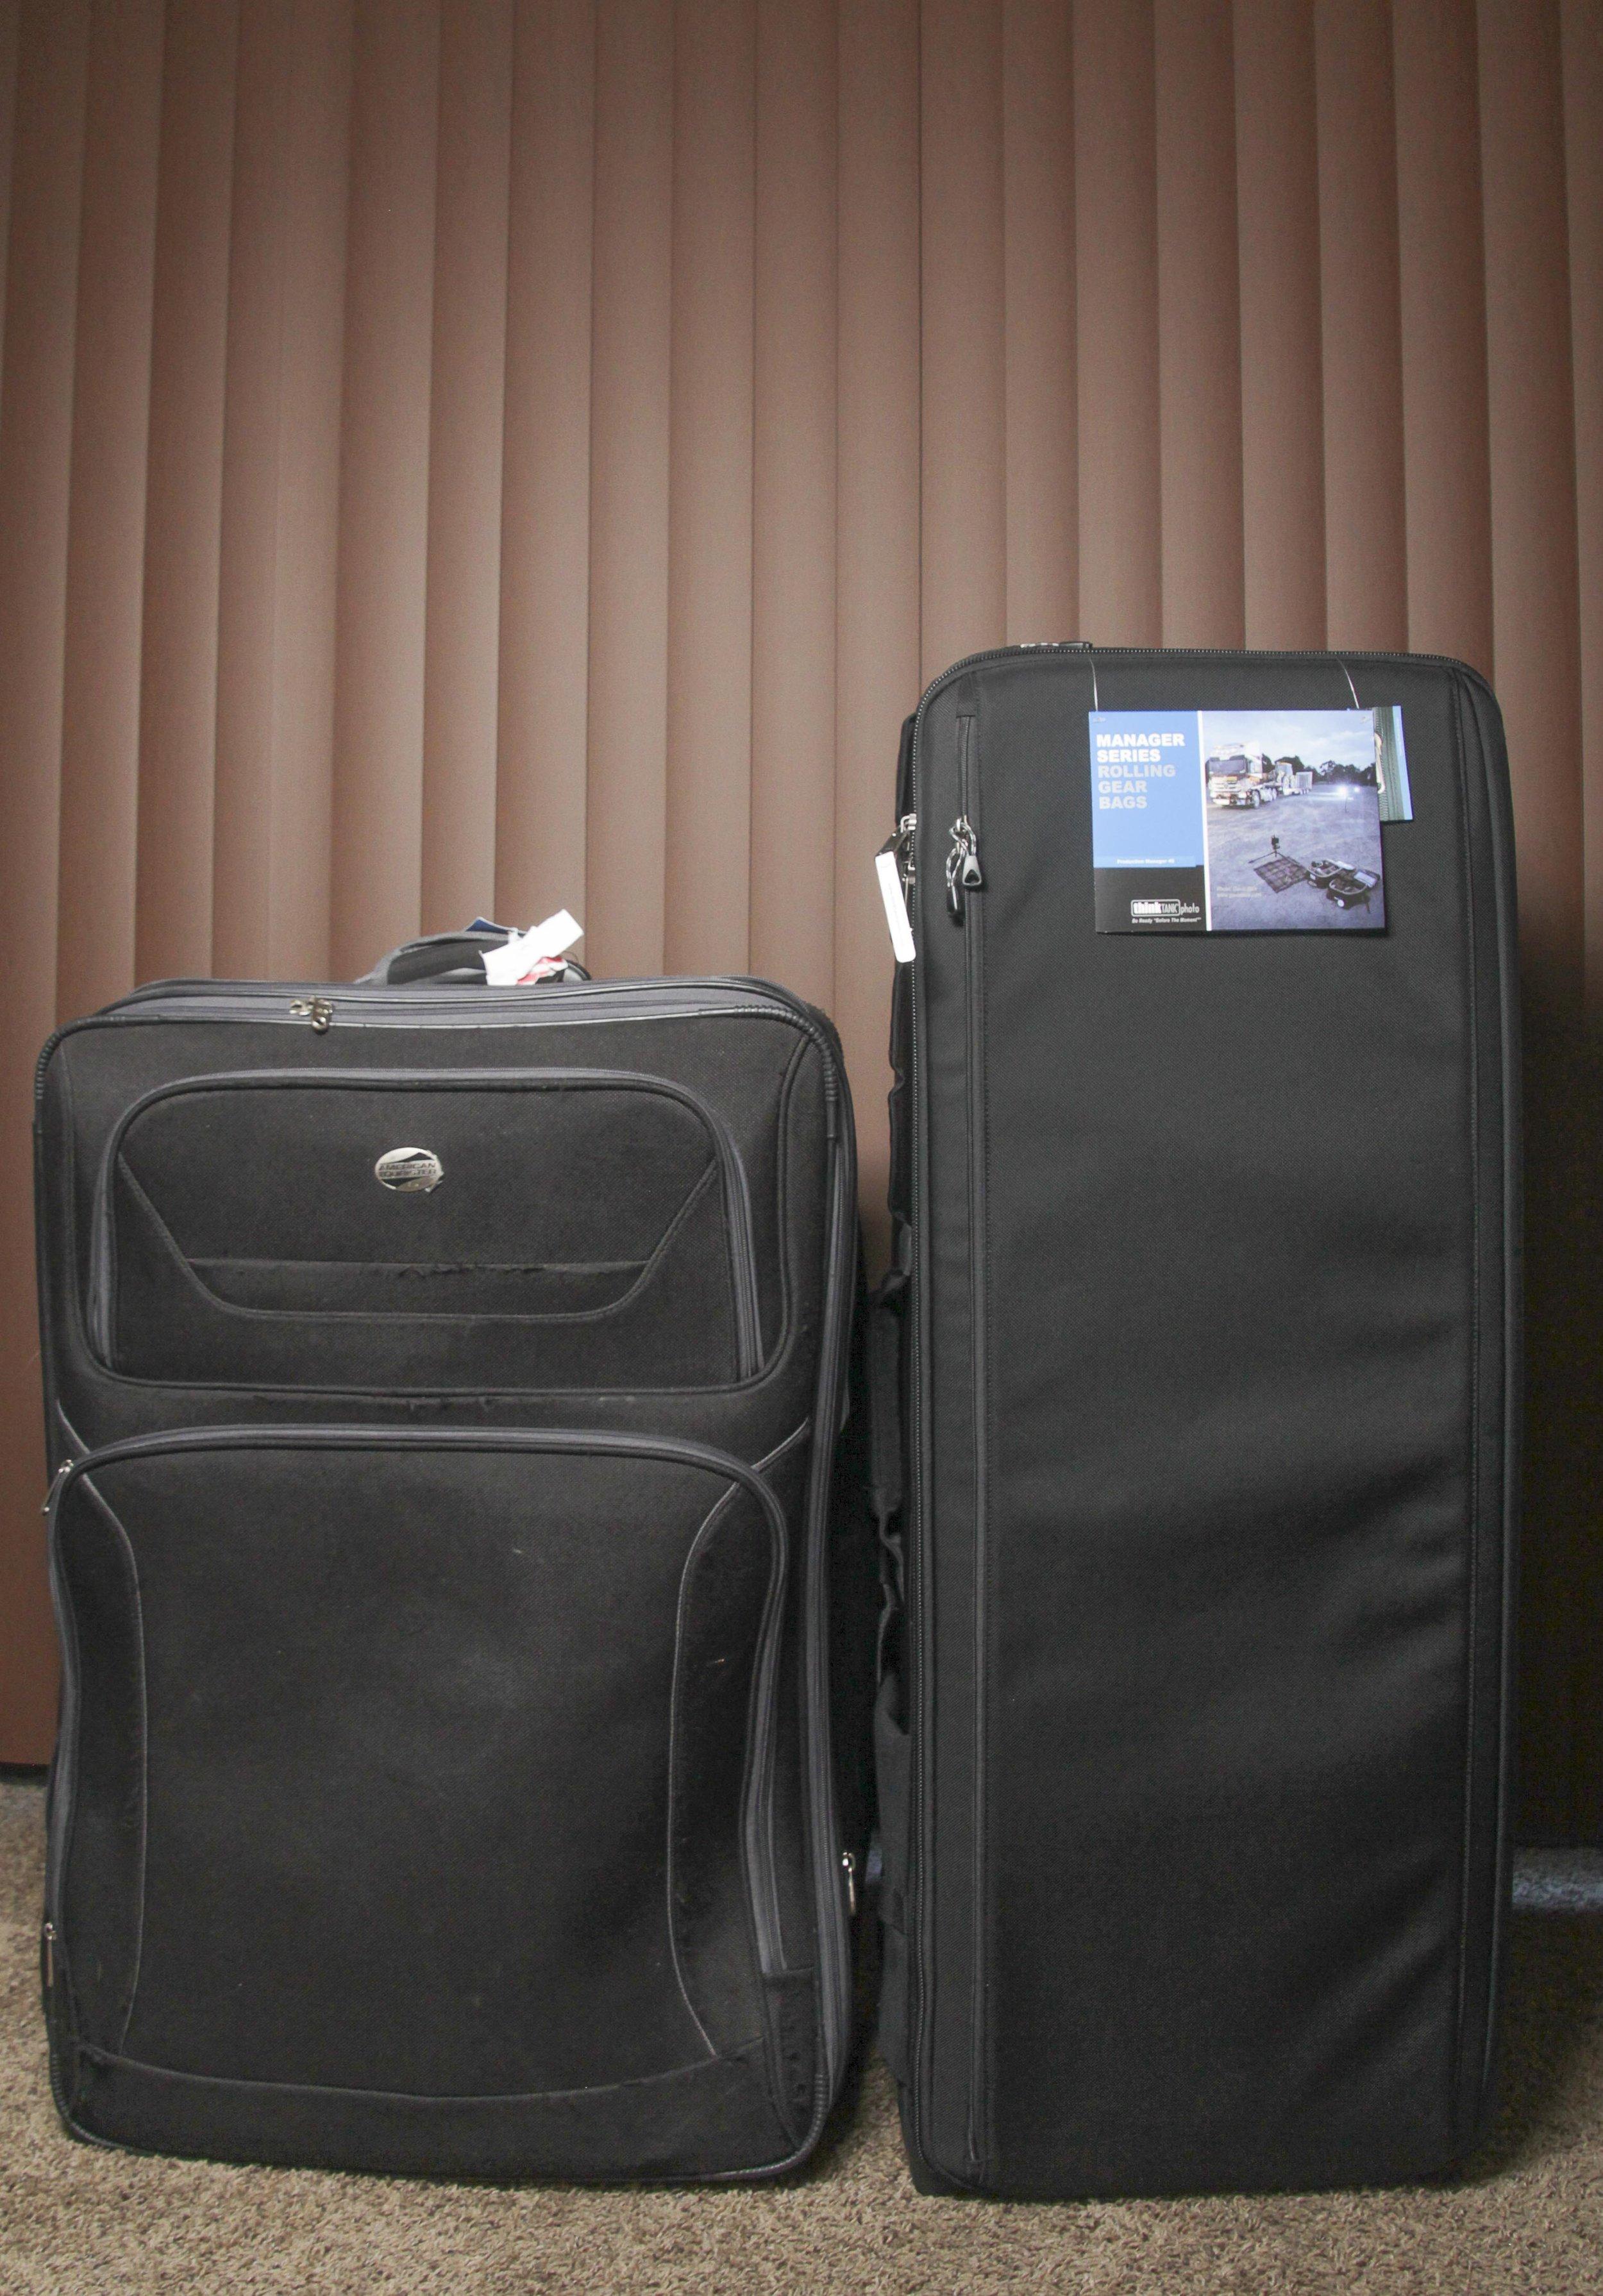 suit case vs Pro mas 40.jpg